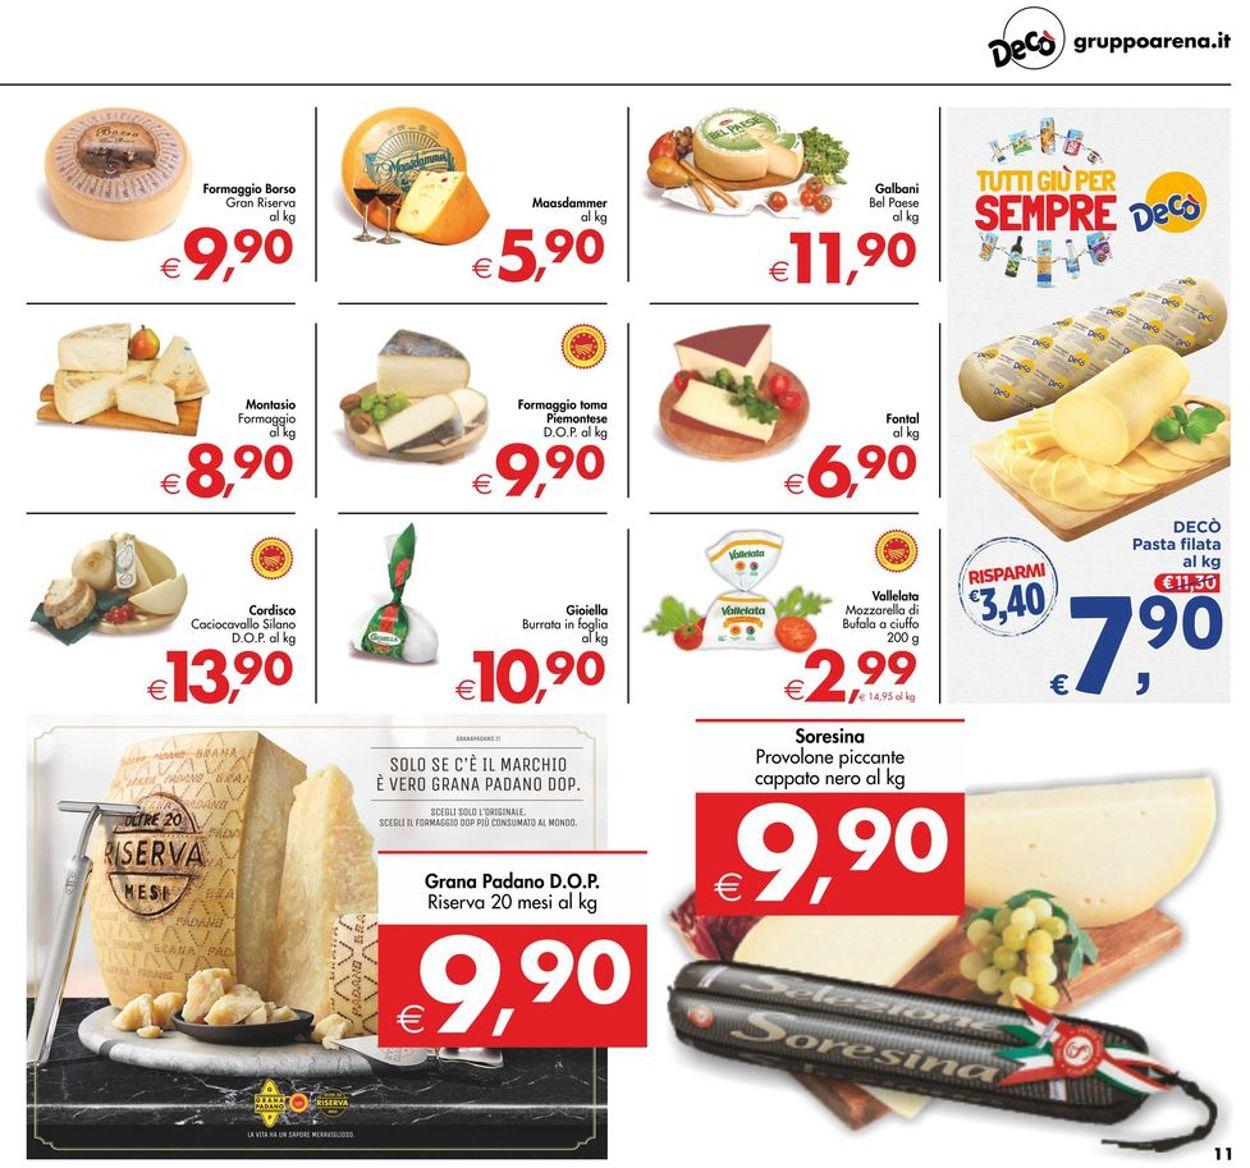 Volantino Deco - Offerte 05/05-18/05/2020 (Pagina 11)